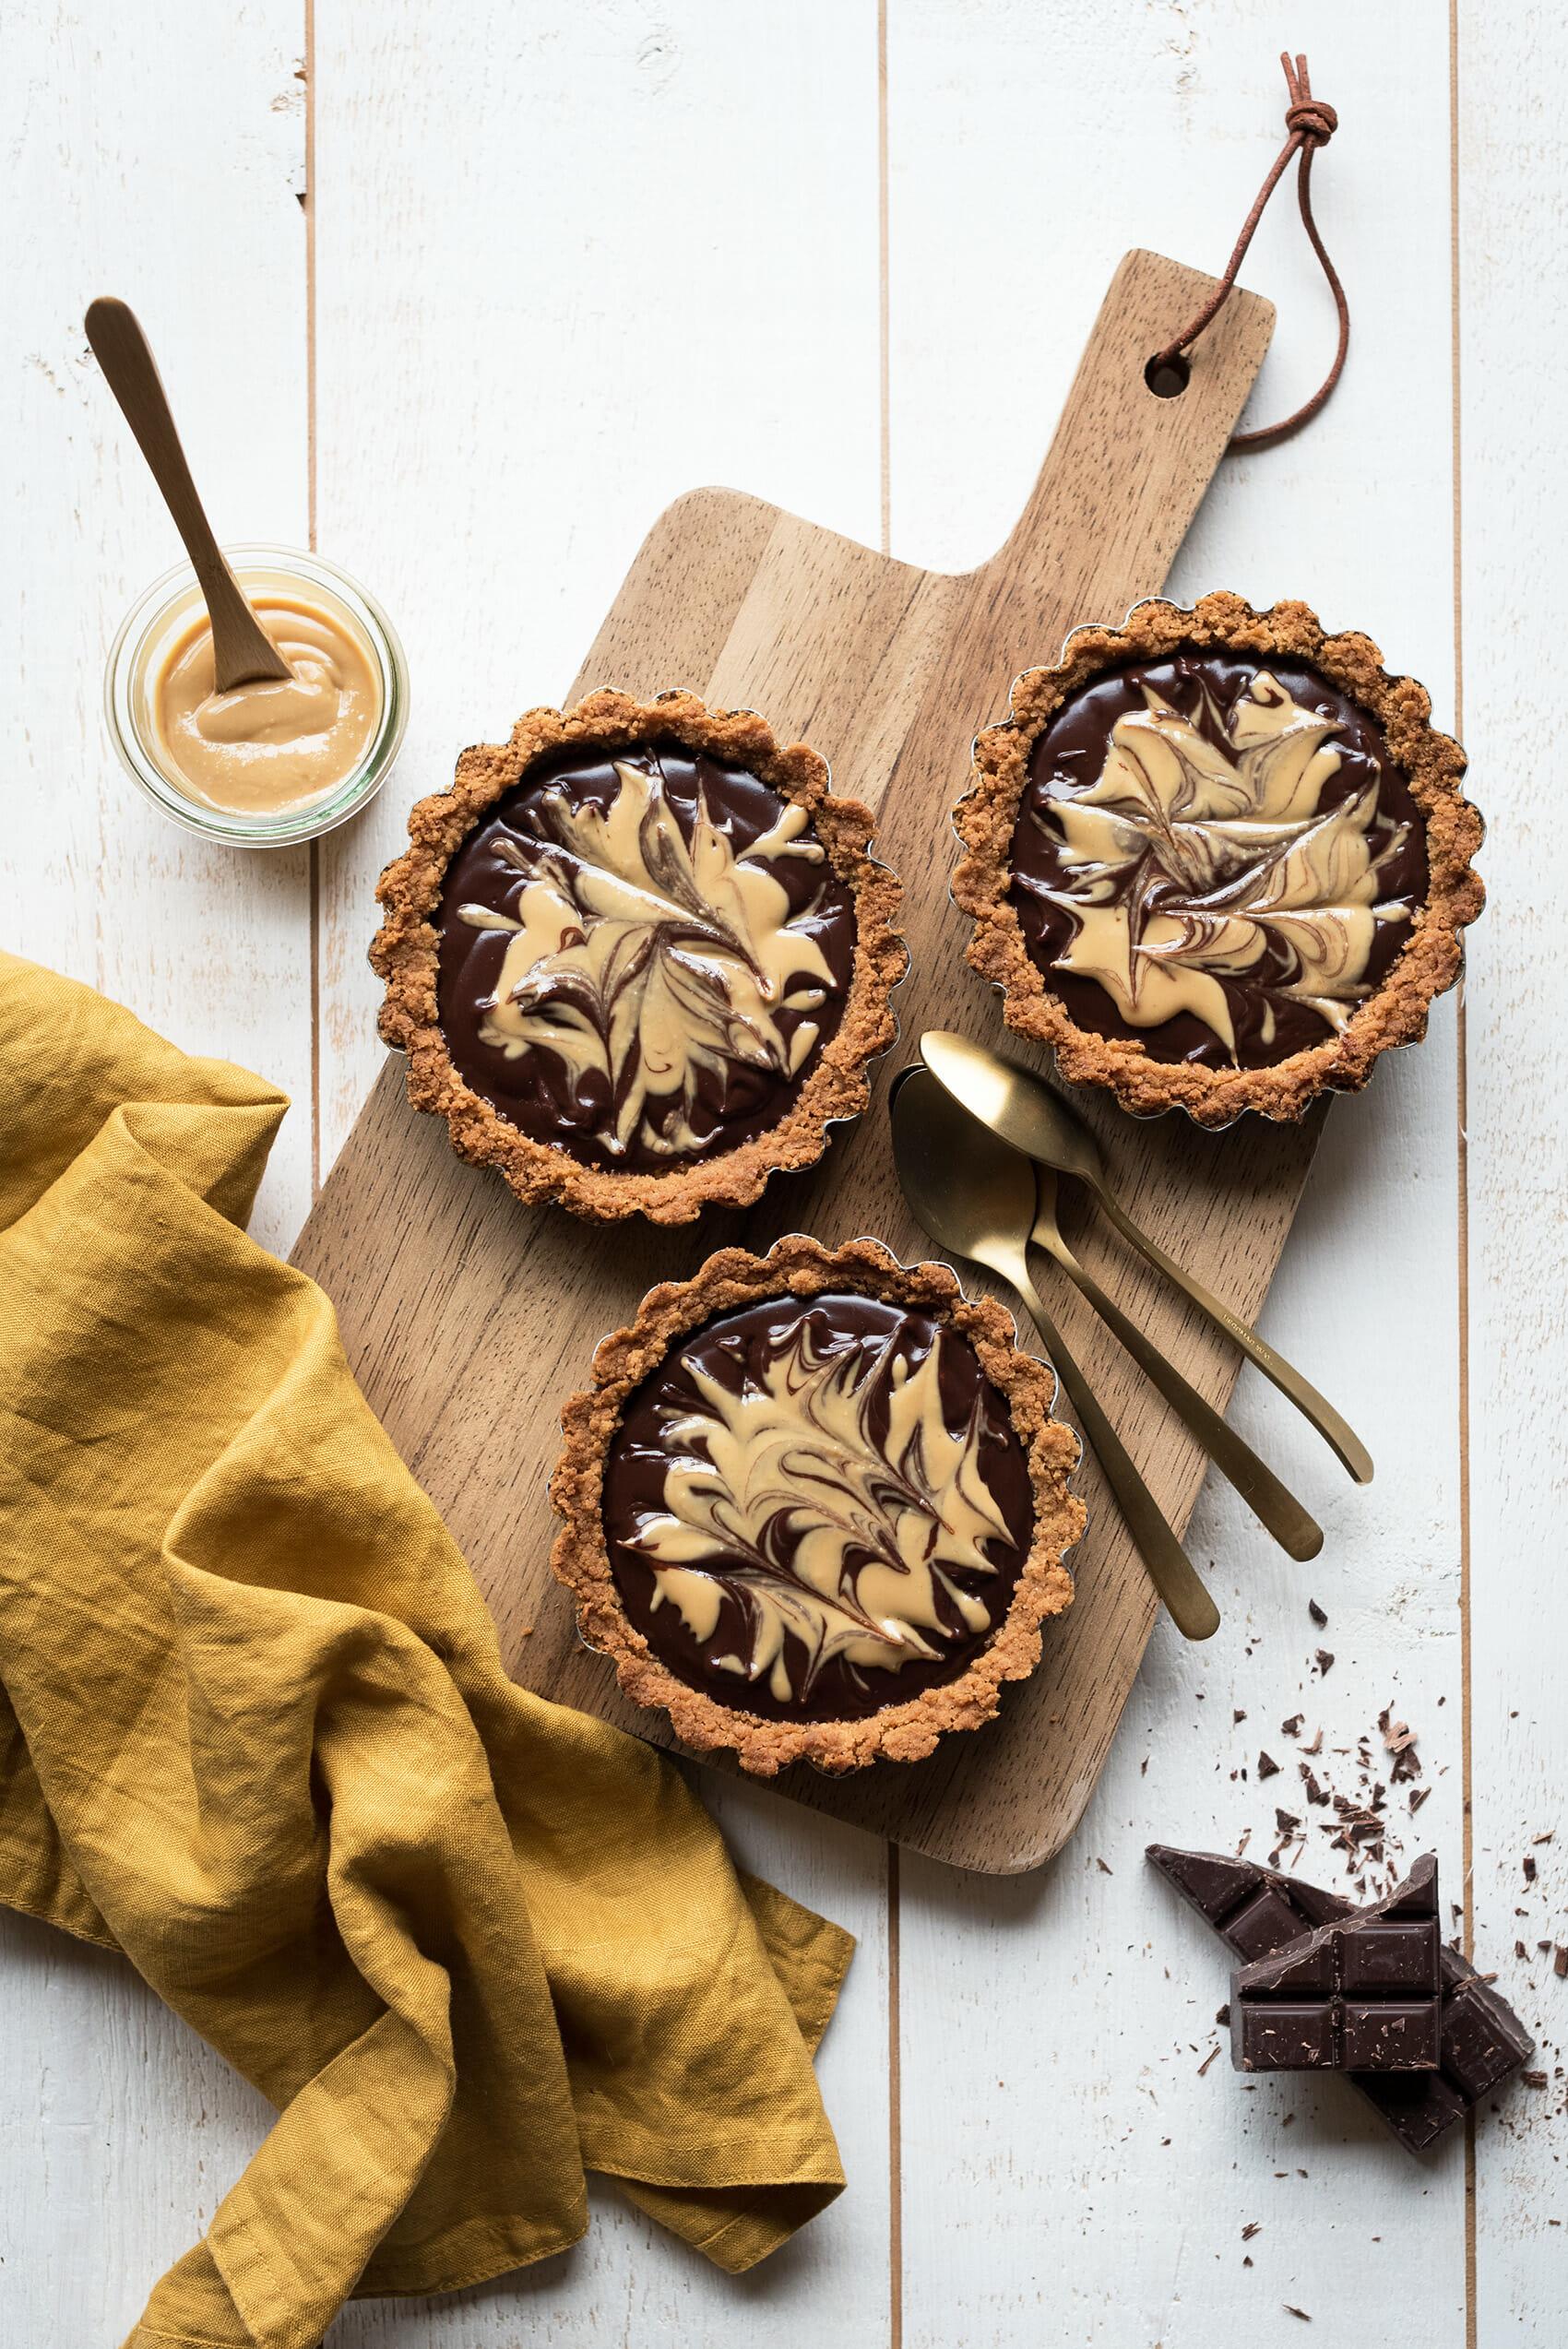 Tartes chocolat beurre de cacahuetes - Lilie Bakery